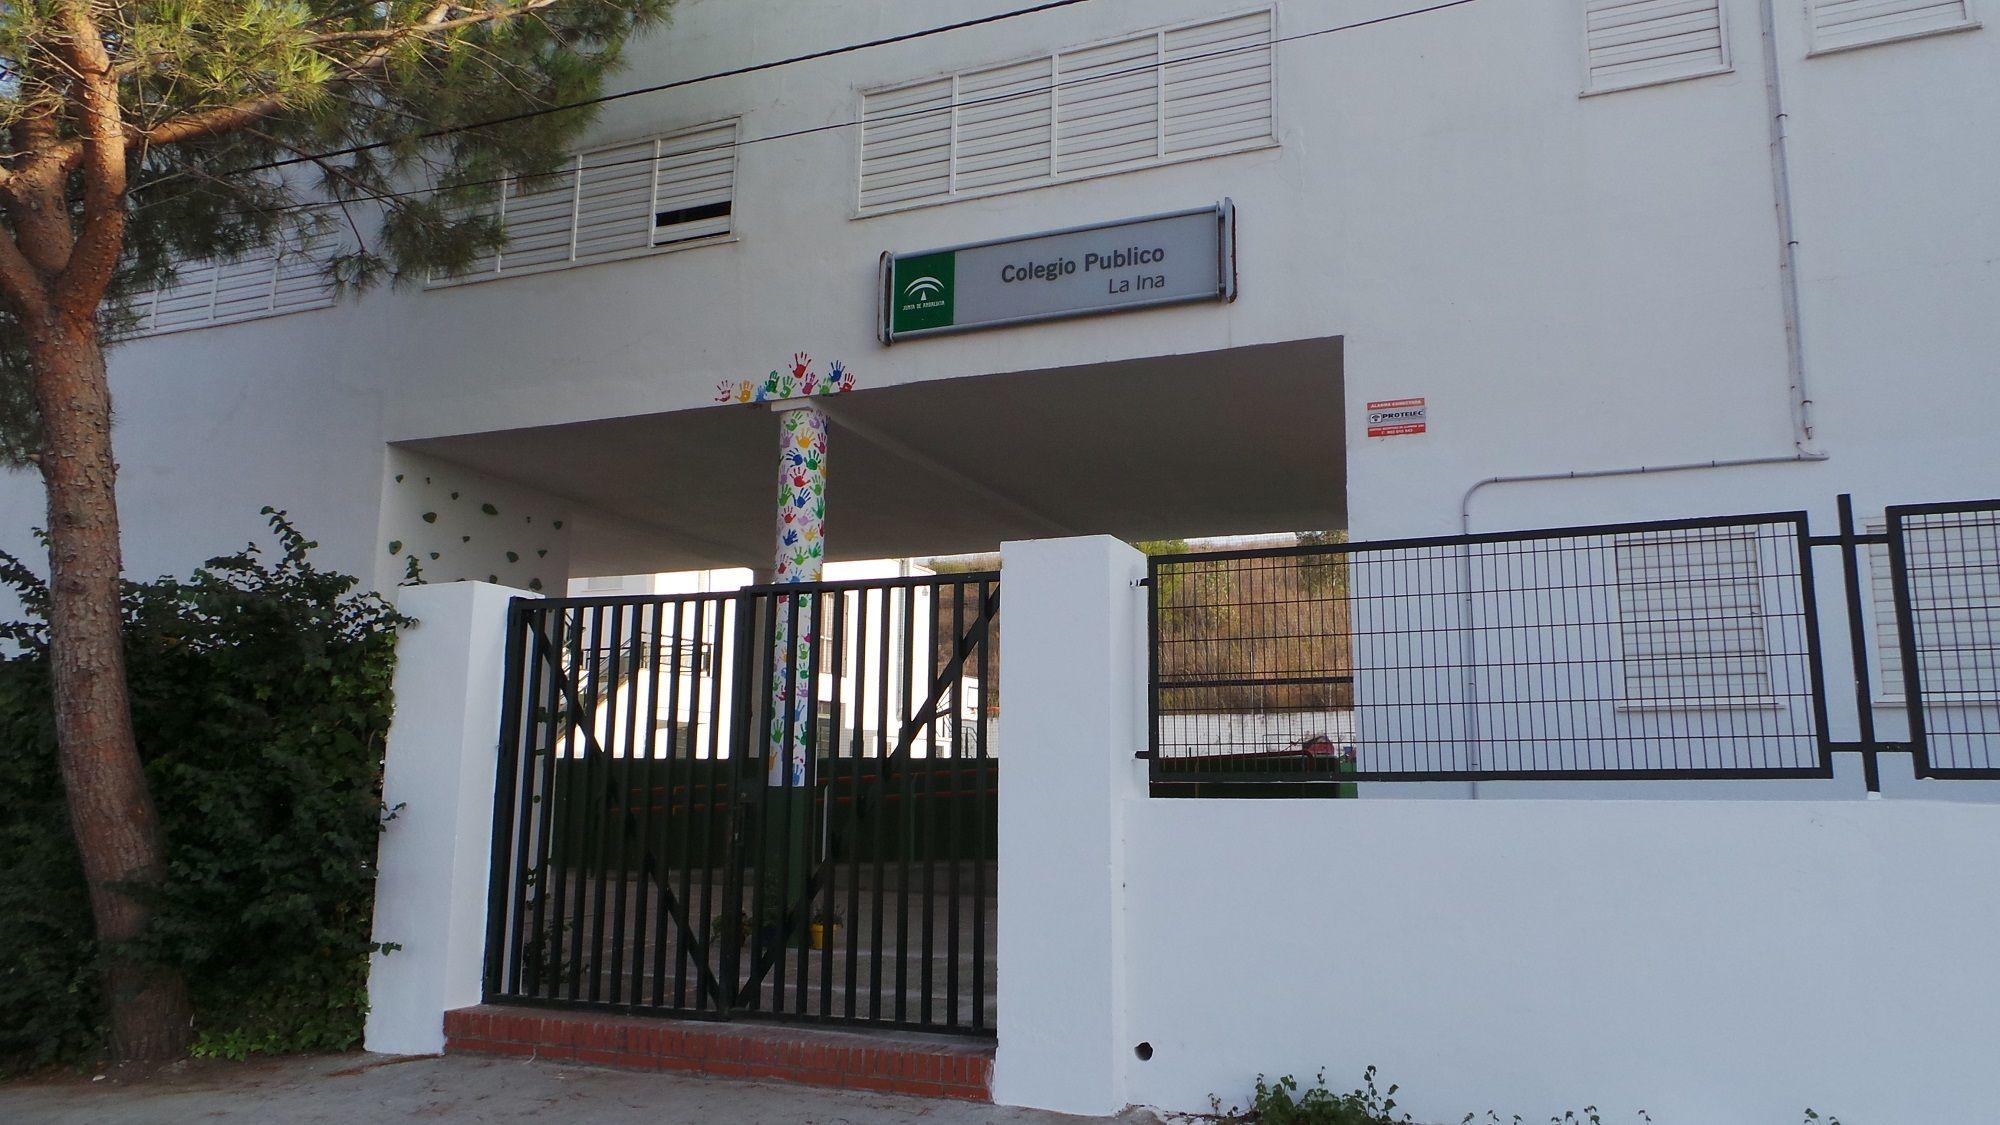 Fachada del CEIP La Ina.